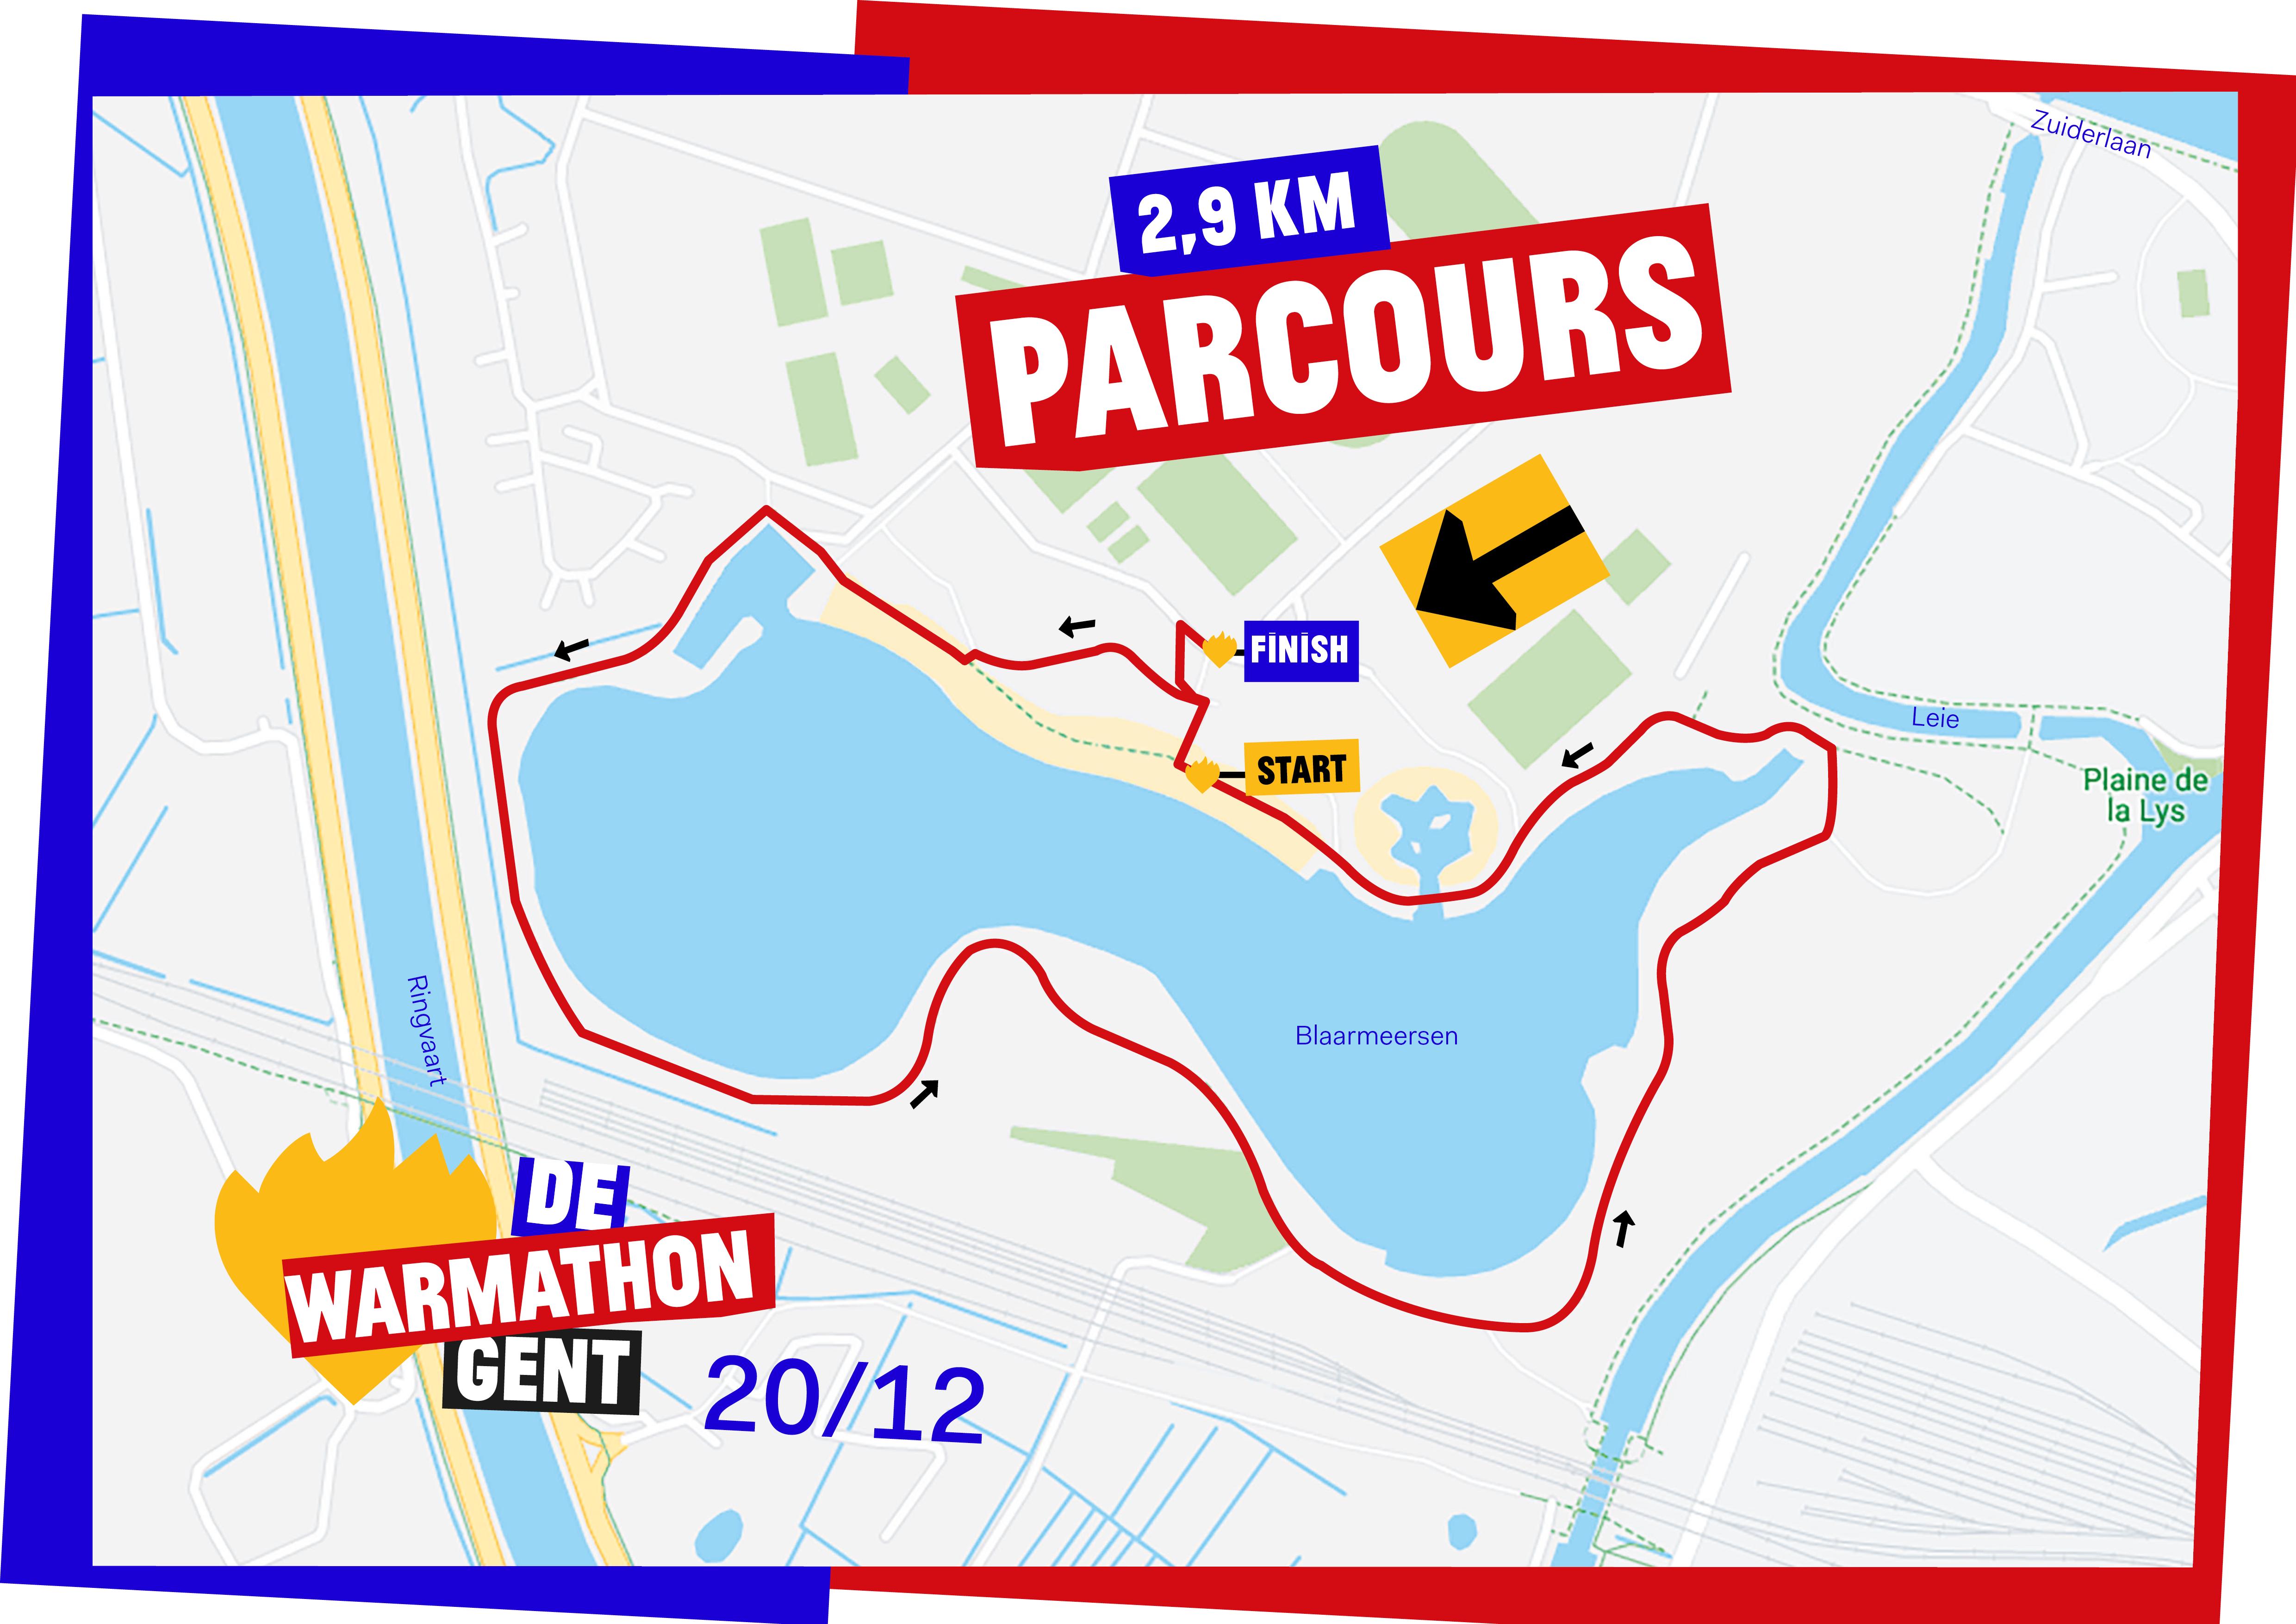 DWW19 Parcours-A3-Gent